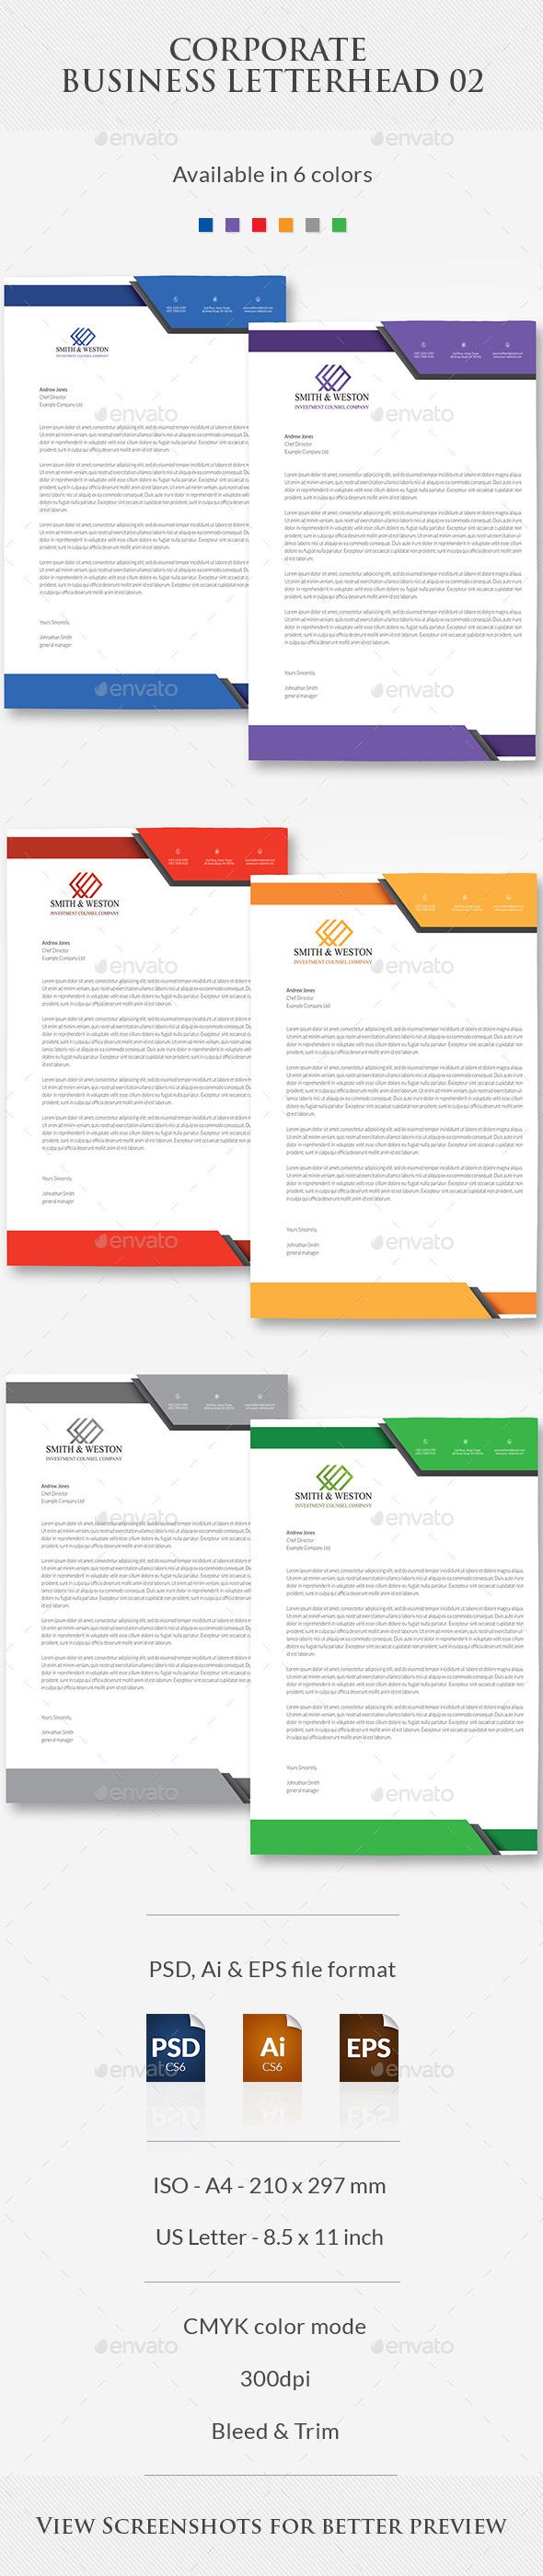 GraphicRiver Corporate Business Letterhead 02 11055203